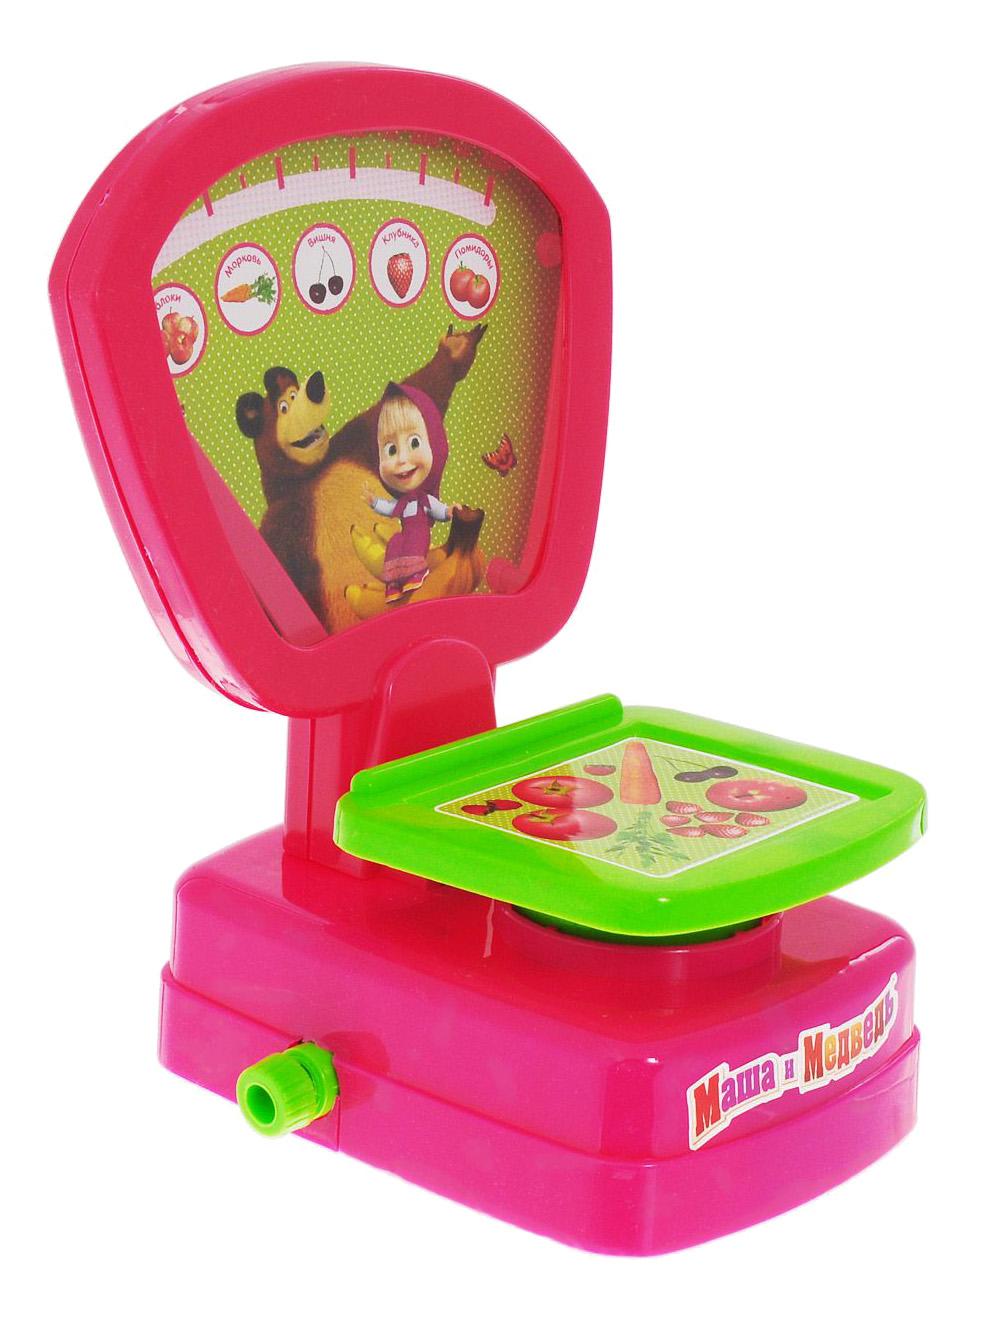 Игрушка для кухни весы Маша и медведь Играем Вместе B88306-R